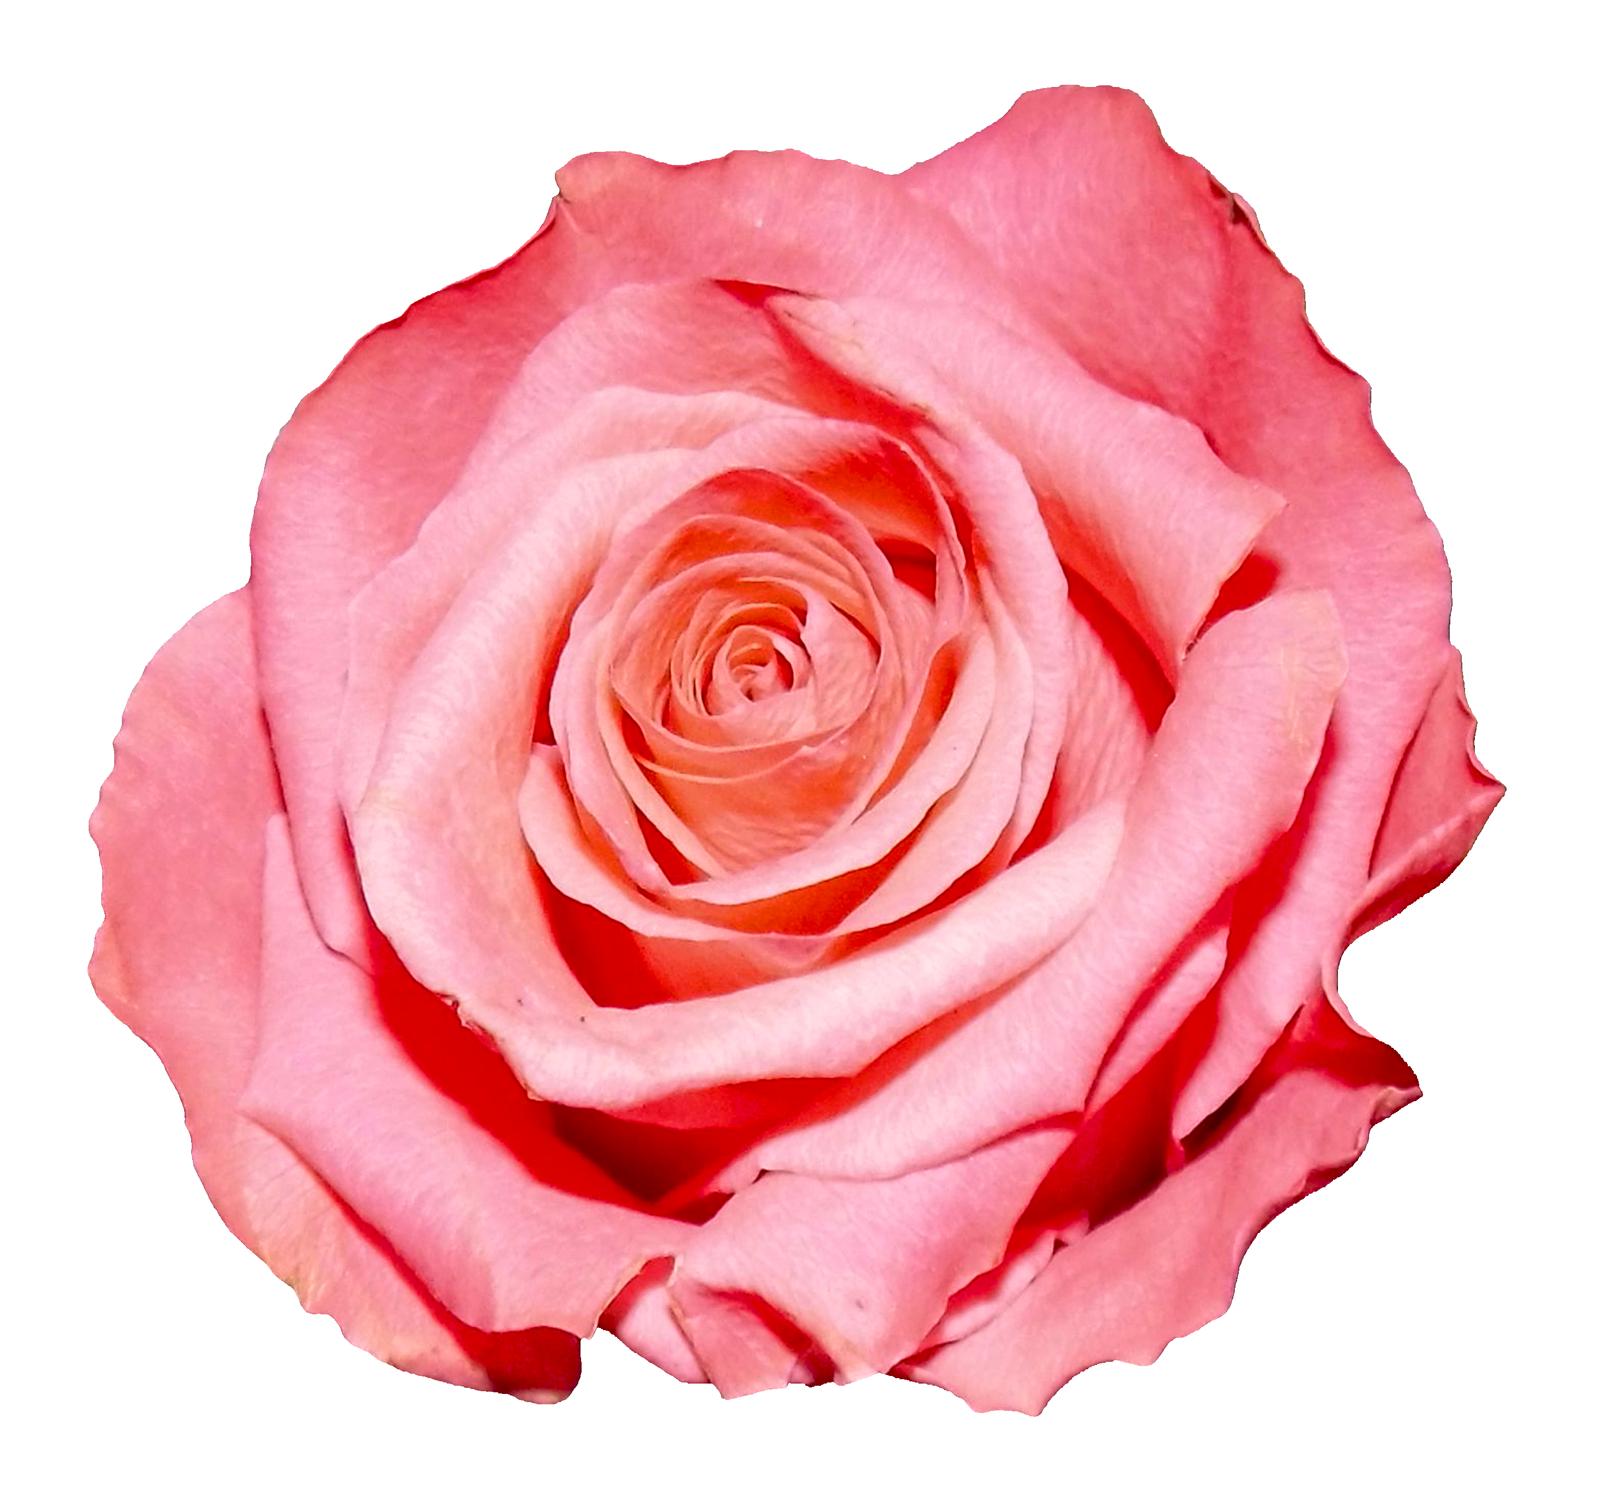 Rose PNG - 12779